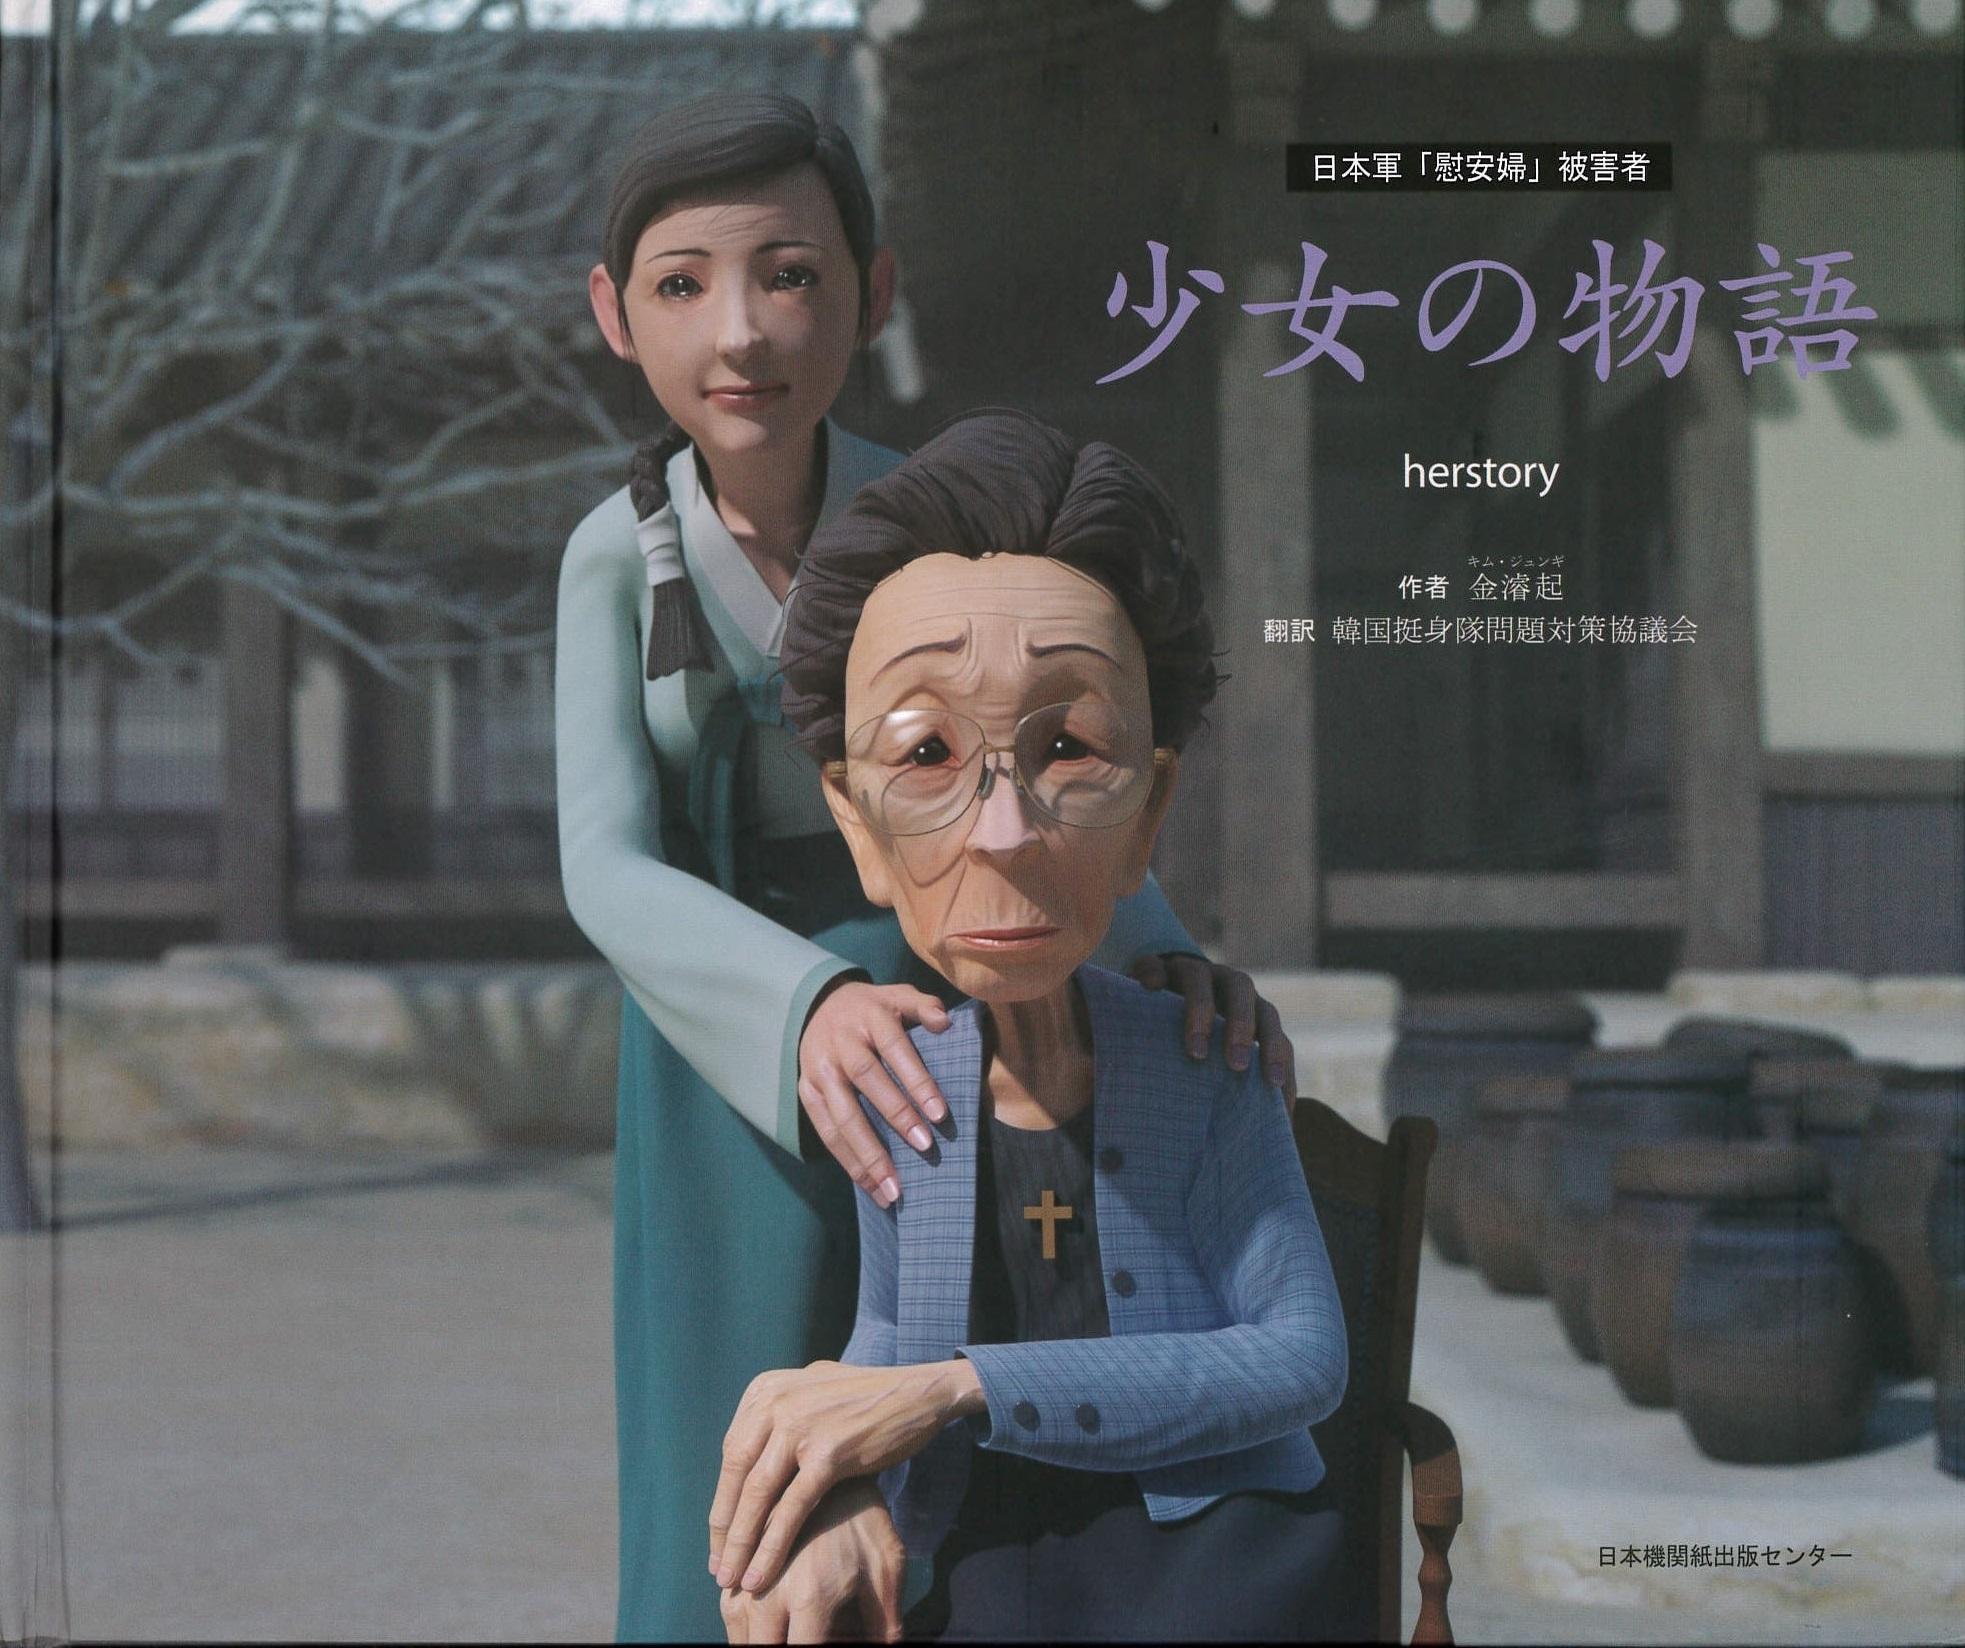 日本軍「慰安婦」被害者 少女の物語